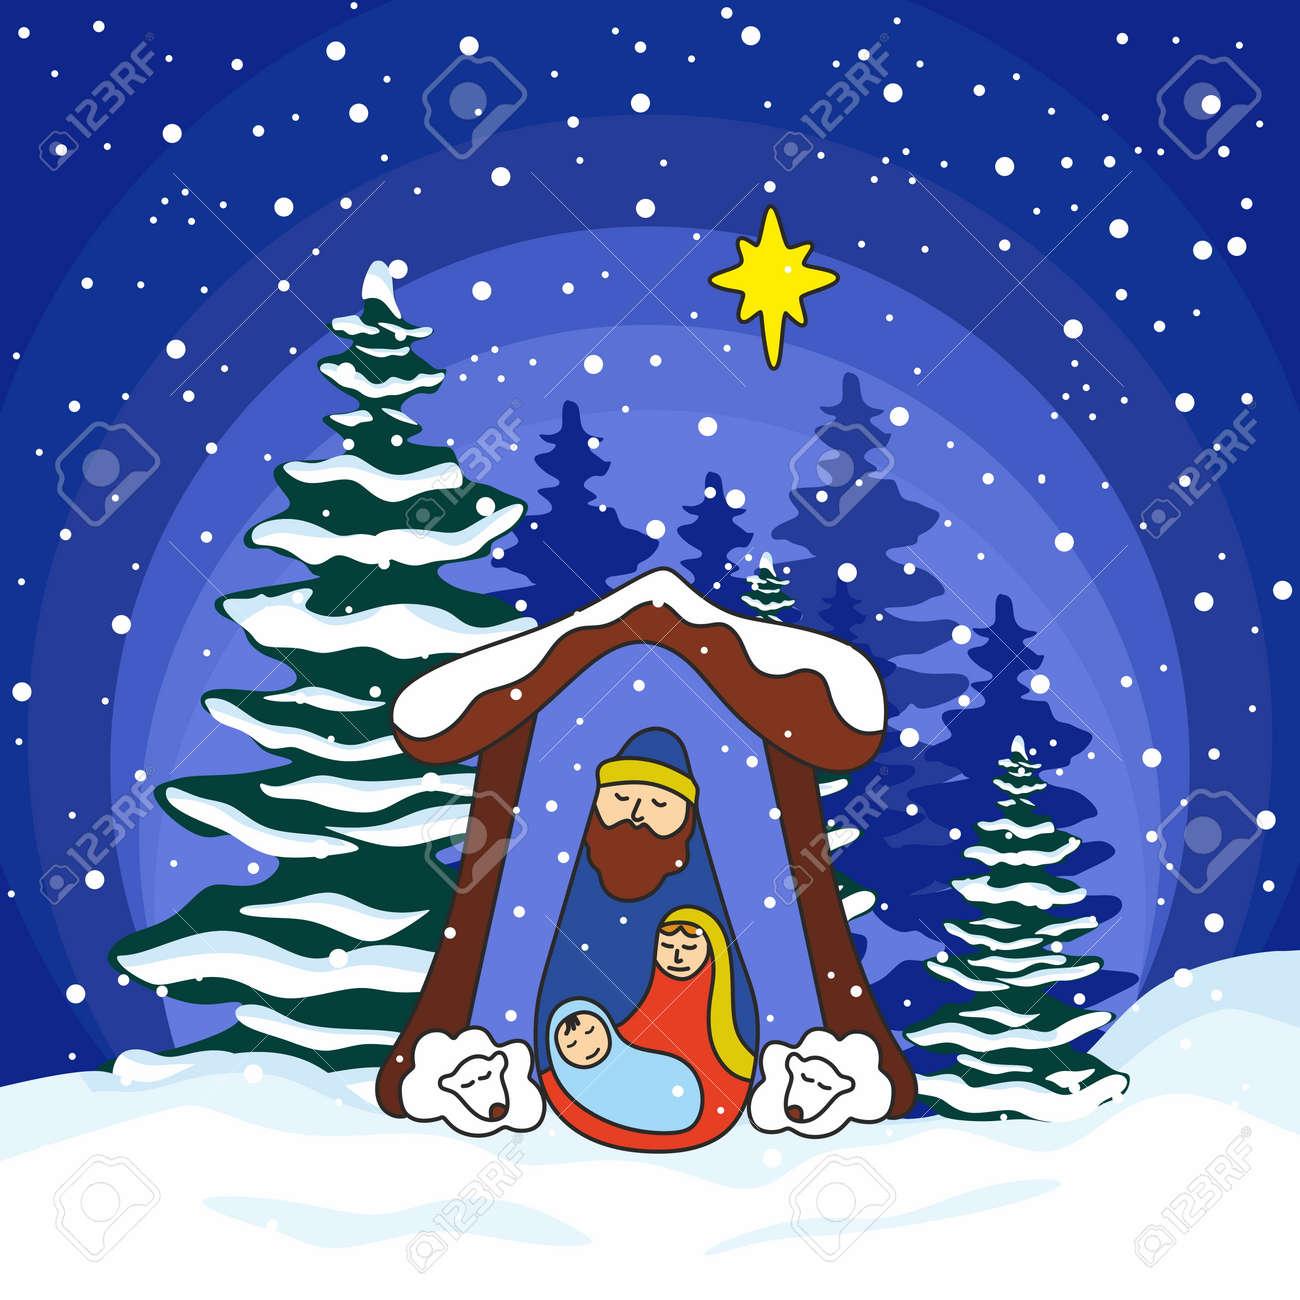 Immagini Nativita Natale.Scena Della Nativita Natale Maria Giuseppe E Gesu Piccola